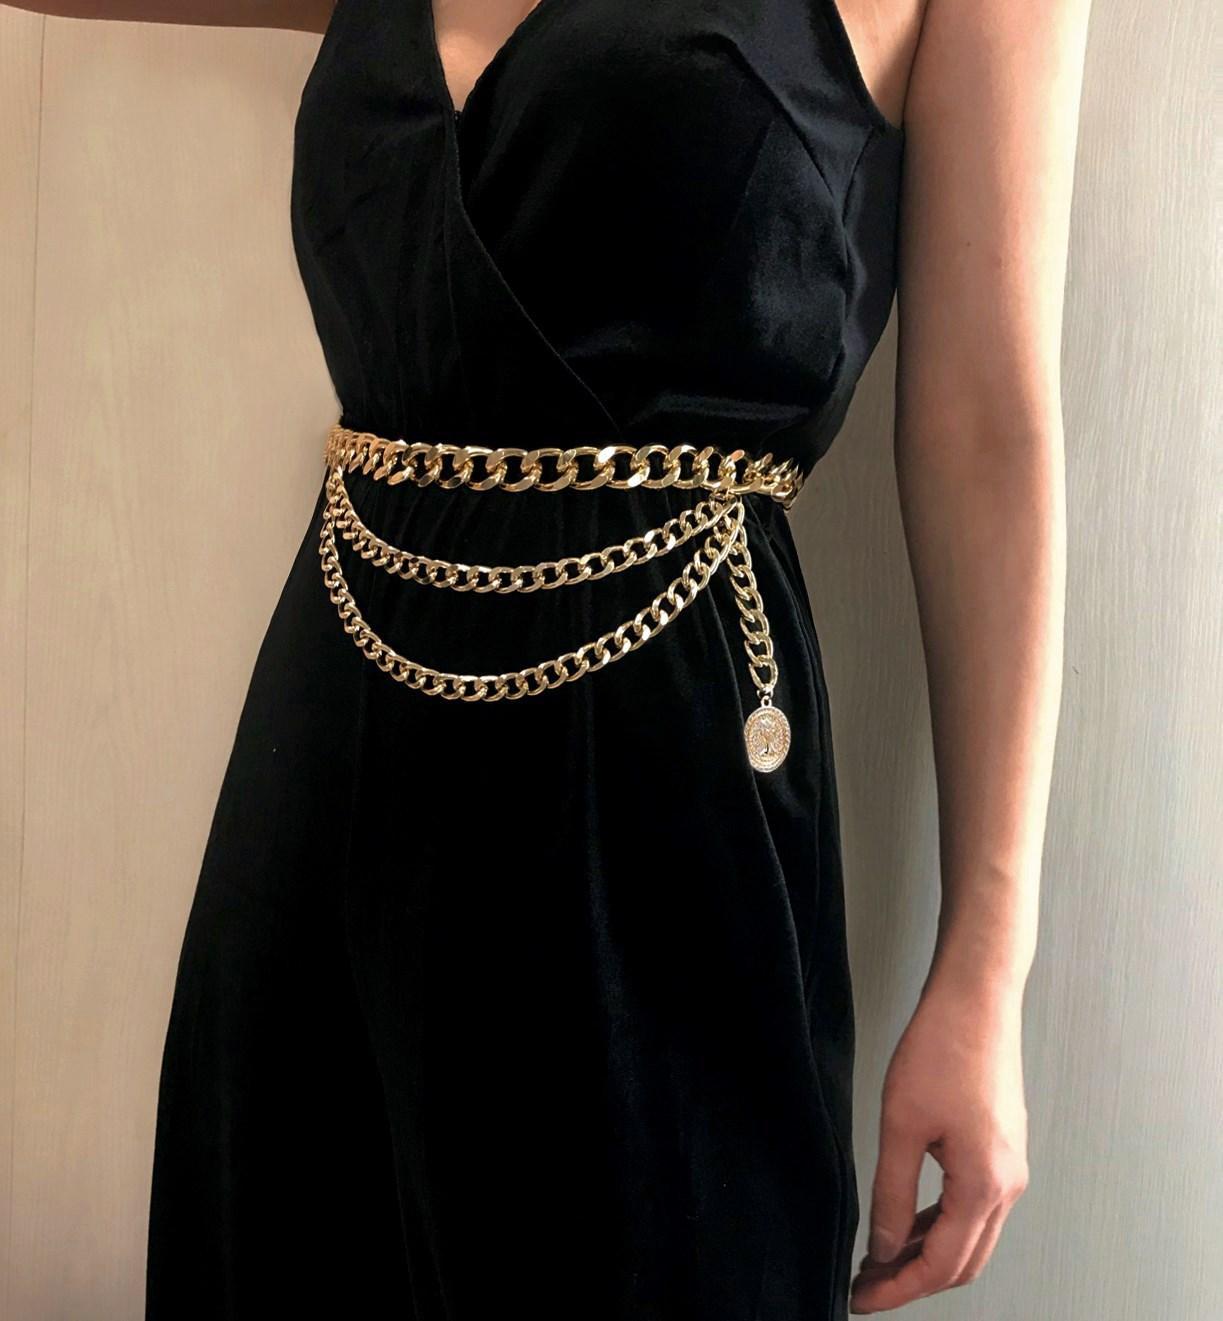 Cinturón de metal para las mujeres retro punky de la franja de cinturón plata del oro del vestido de las señoras de la borla de cinturones de cadena